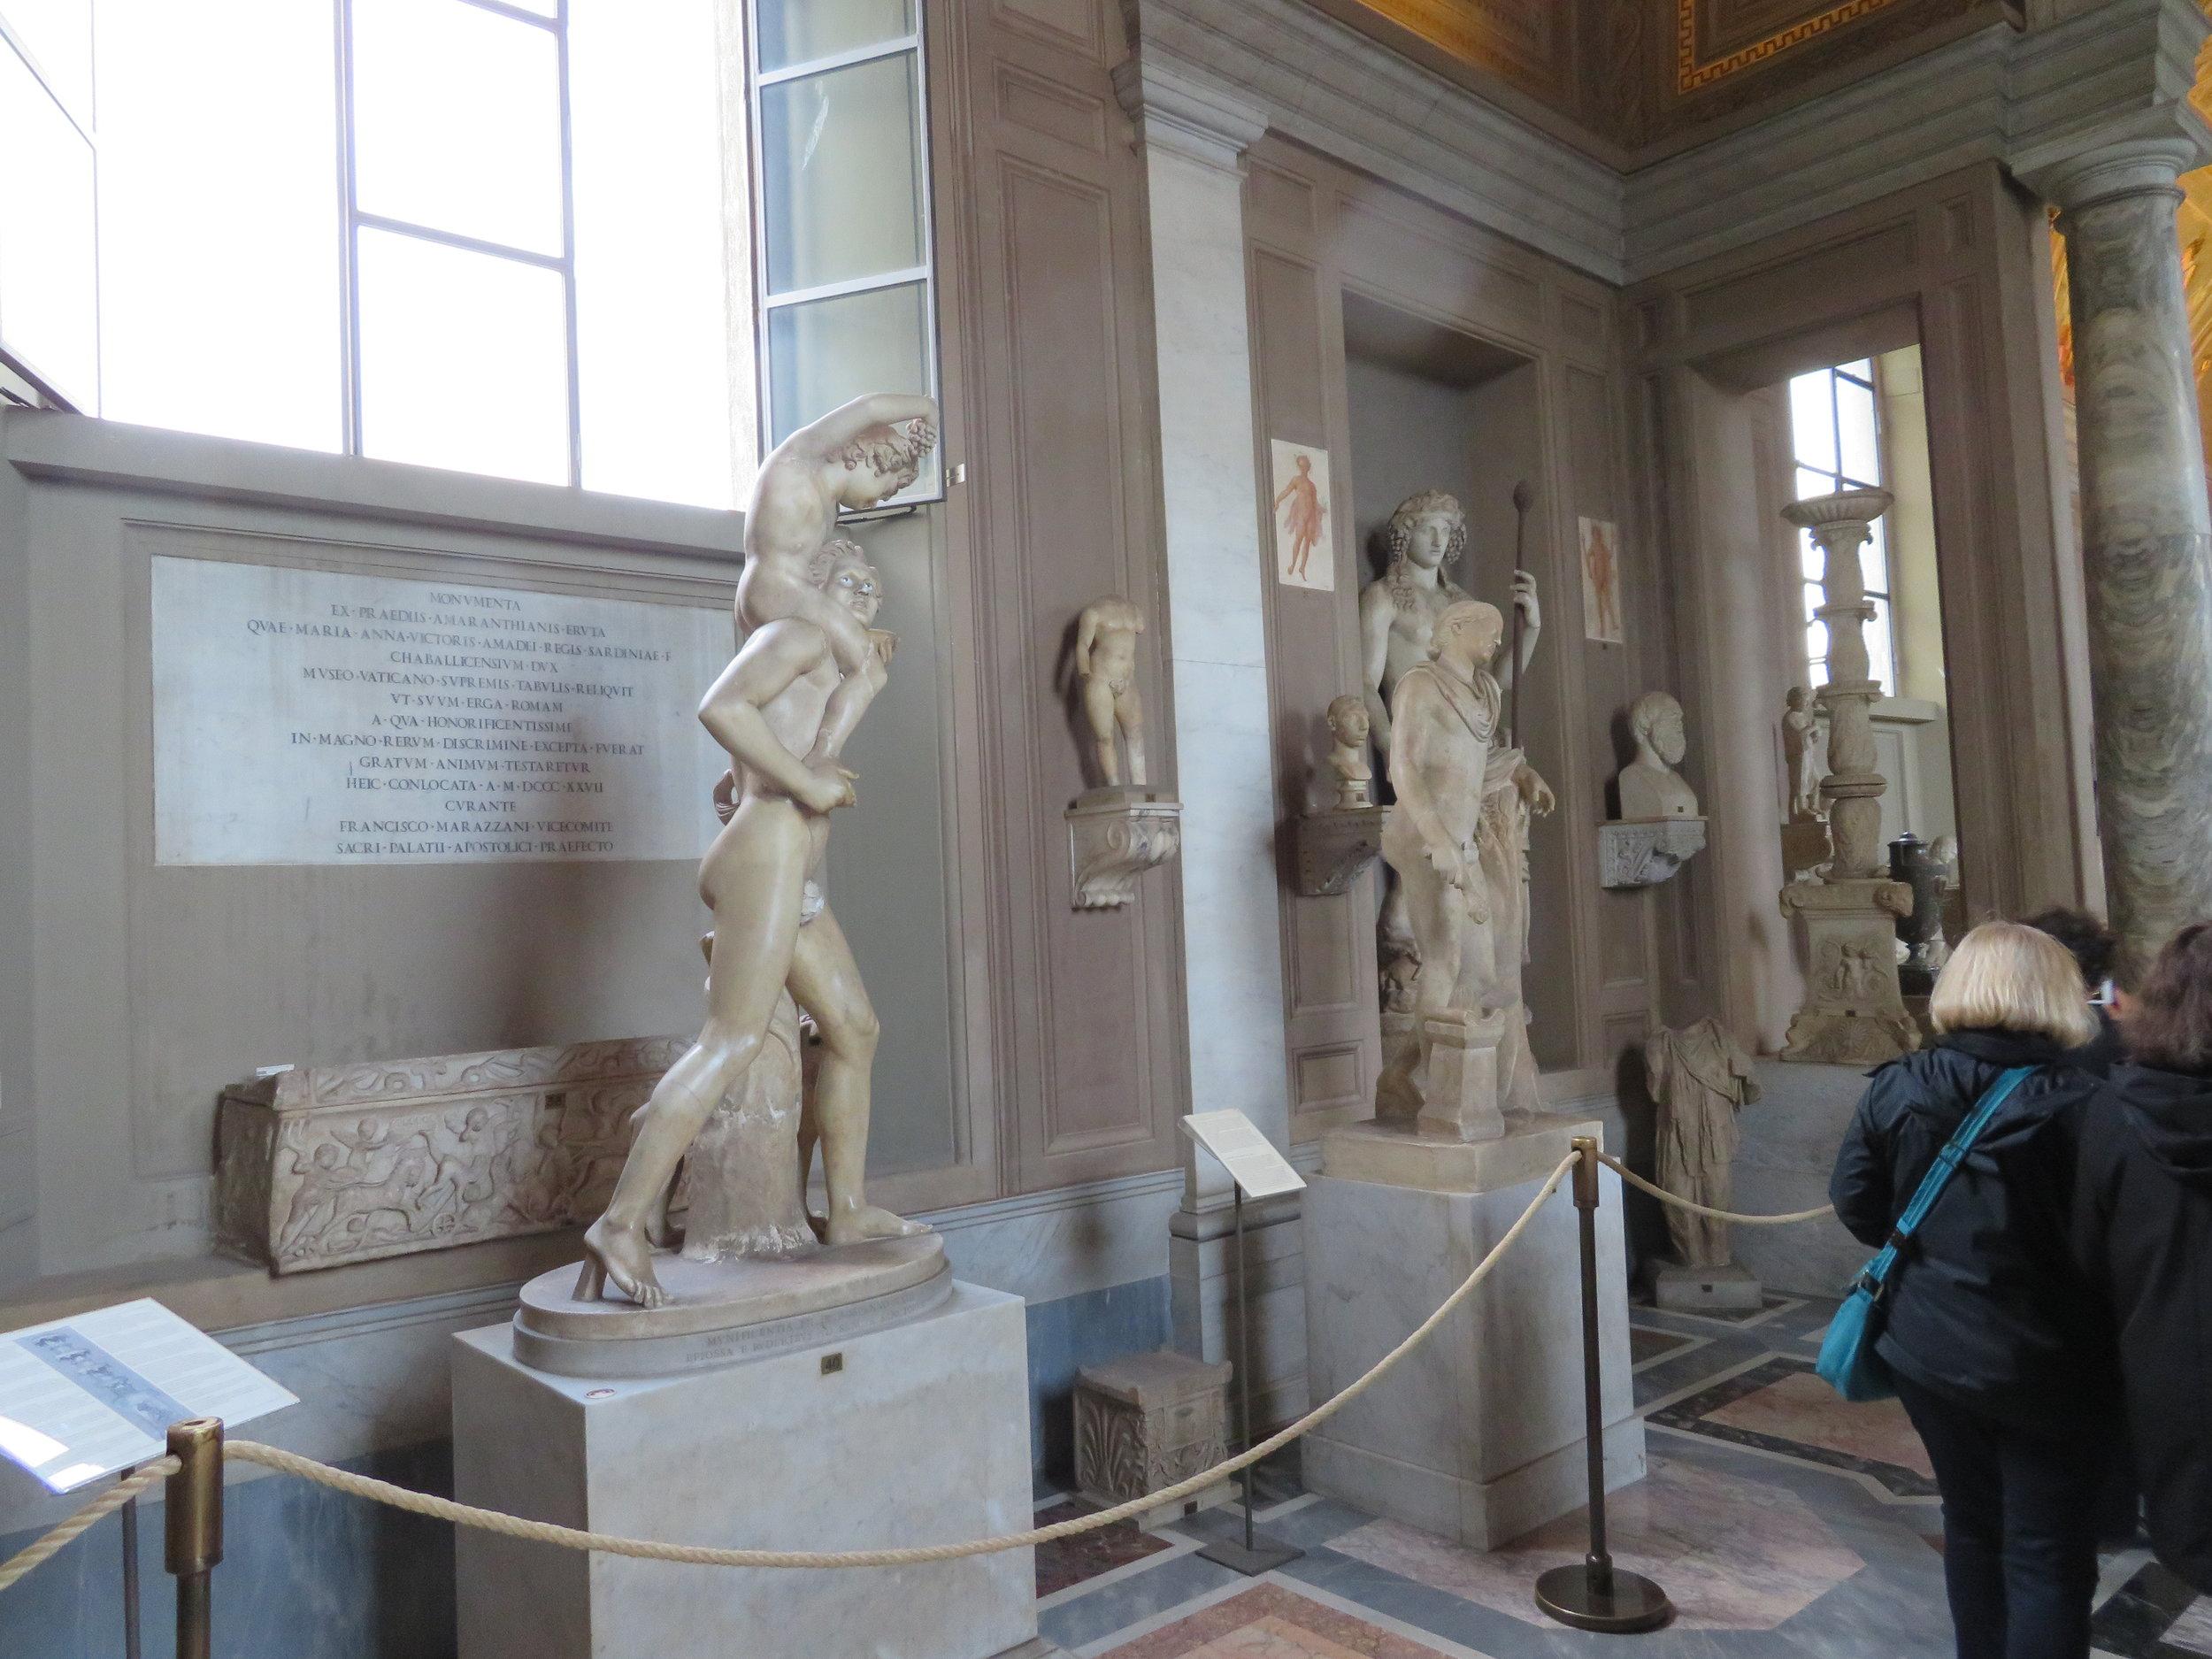 vatican_vatican museums4.JPG